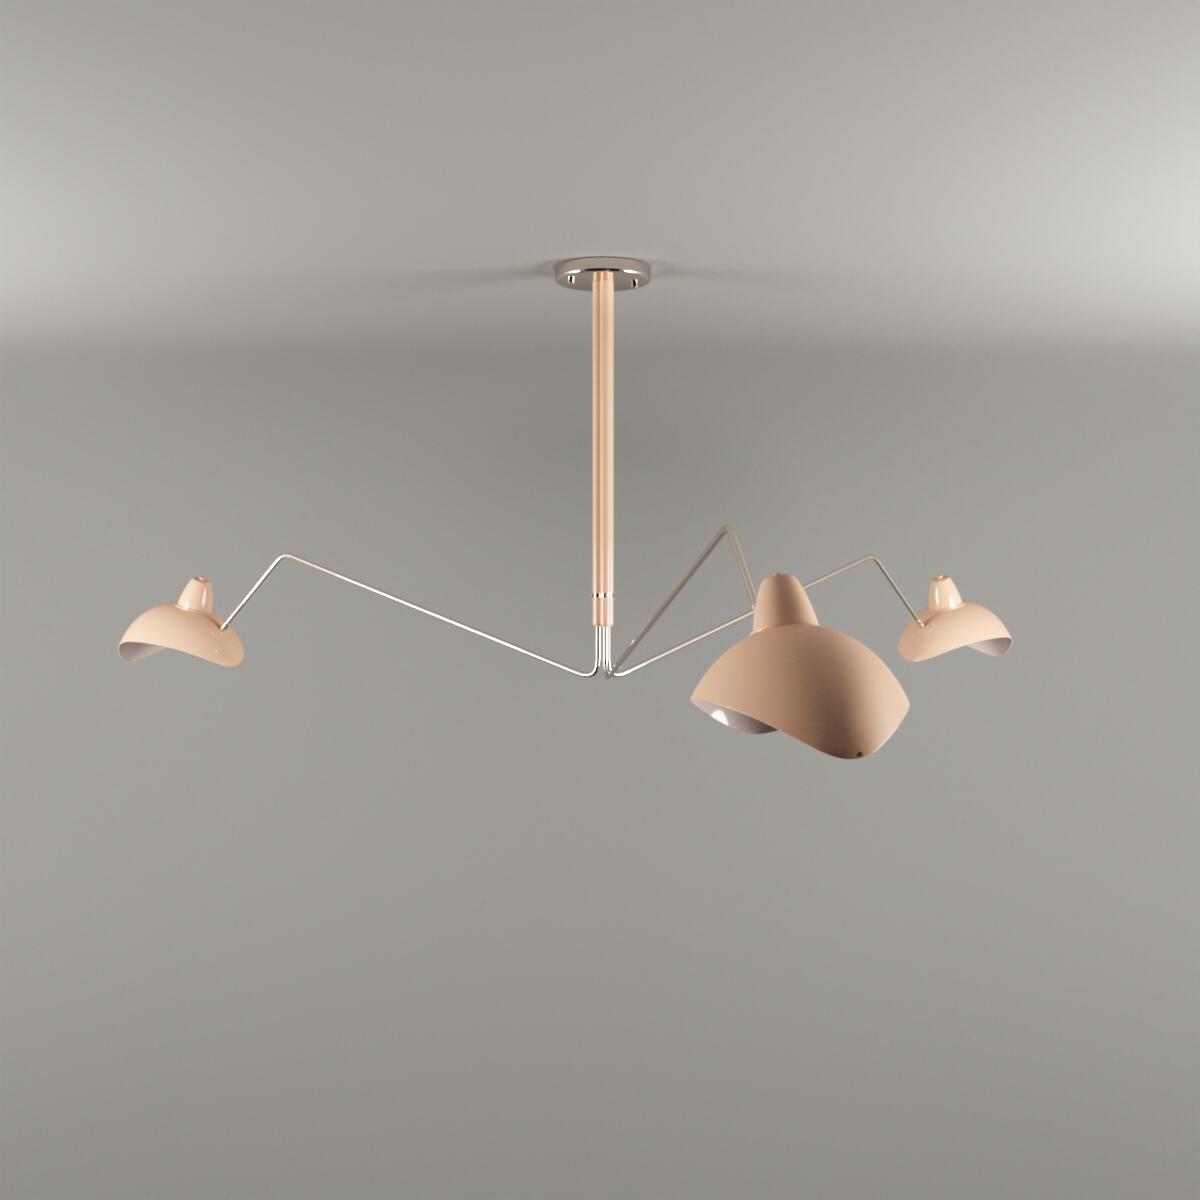 Living room lighting cm10